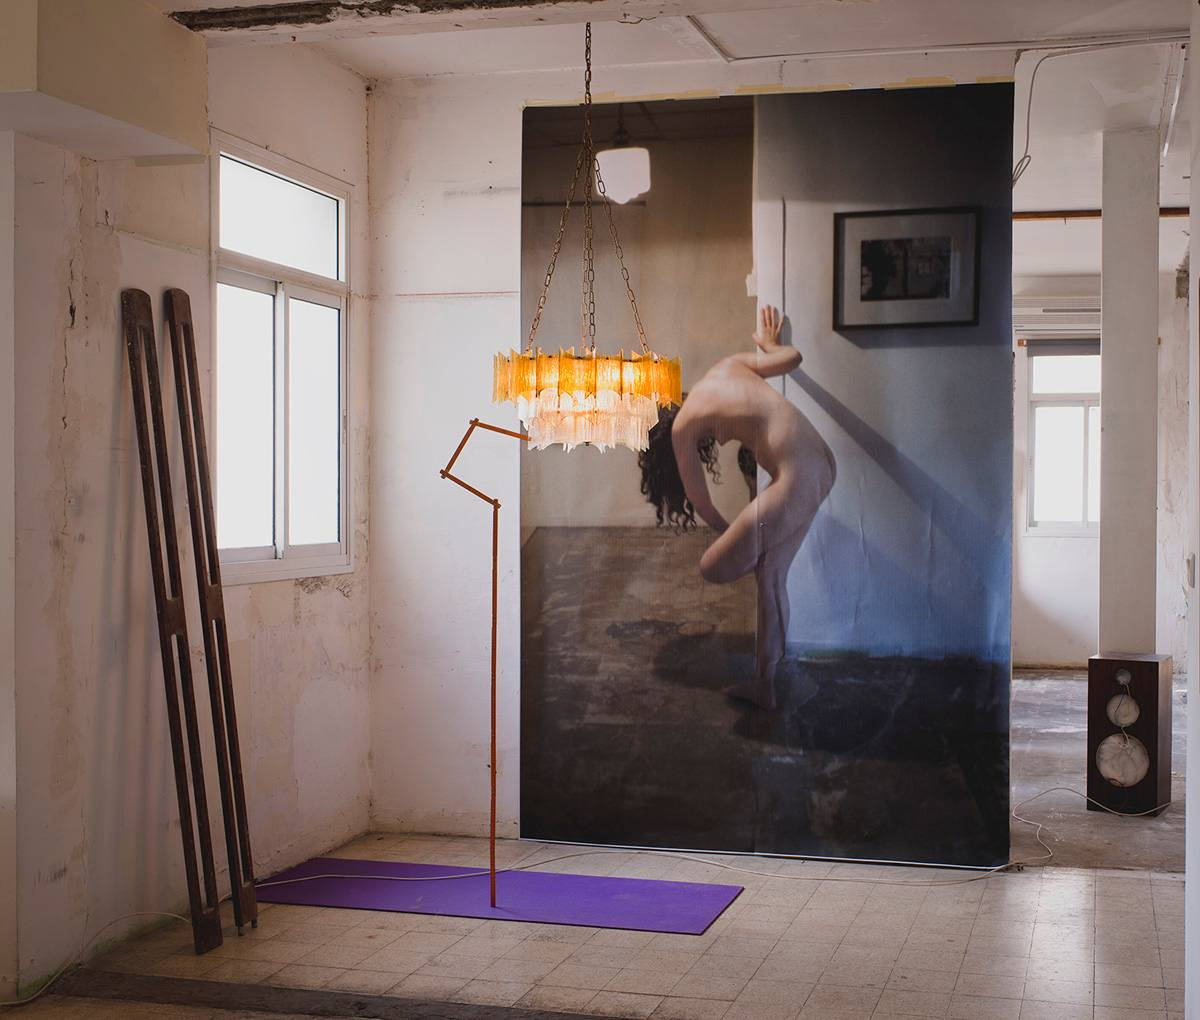 צל עצמי, 2016, מתוך התערוכה במוזיאון תל אביב